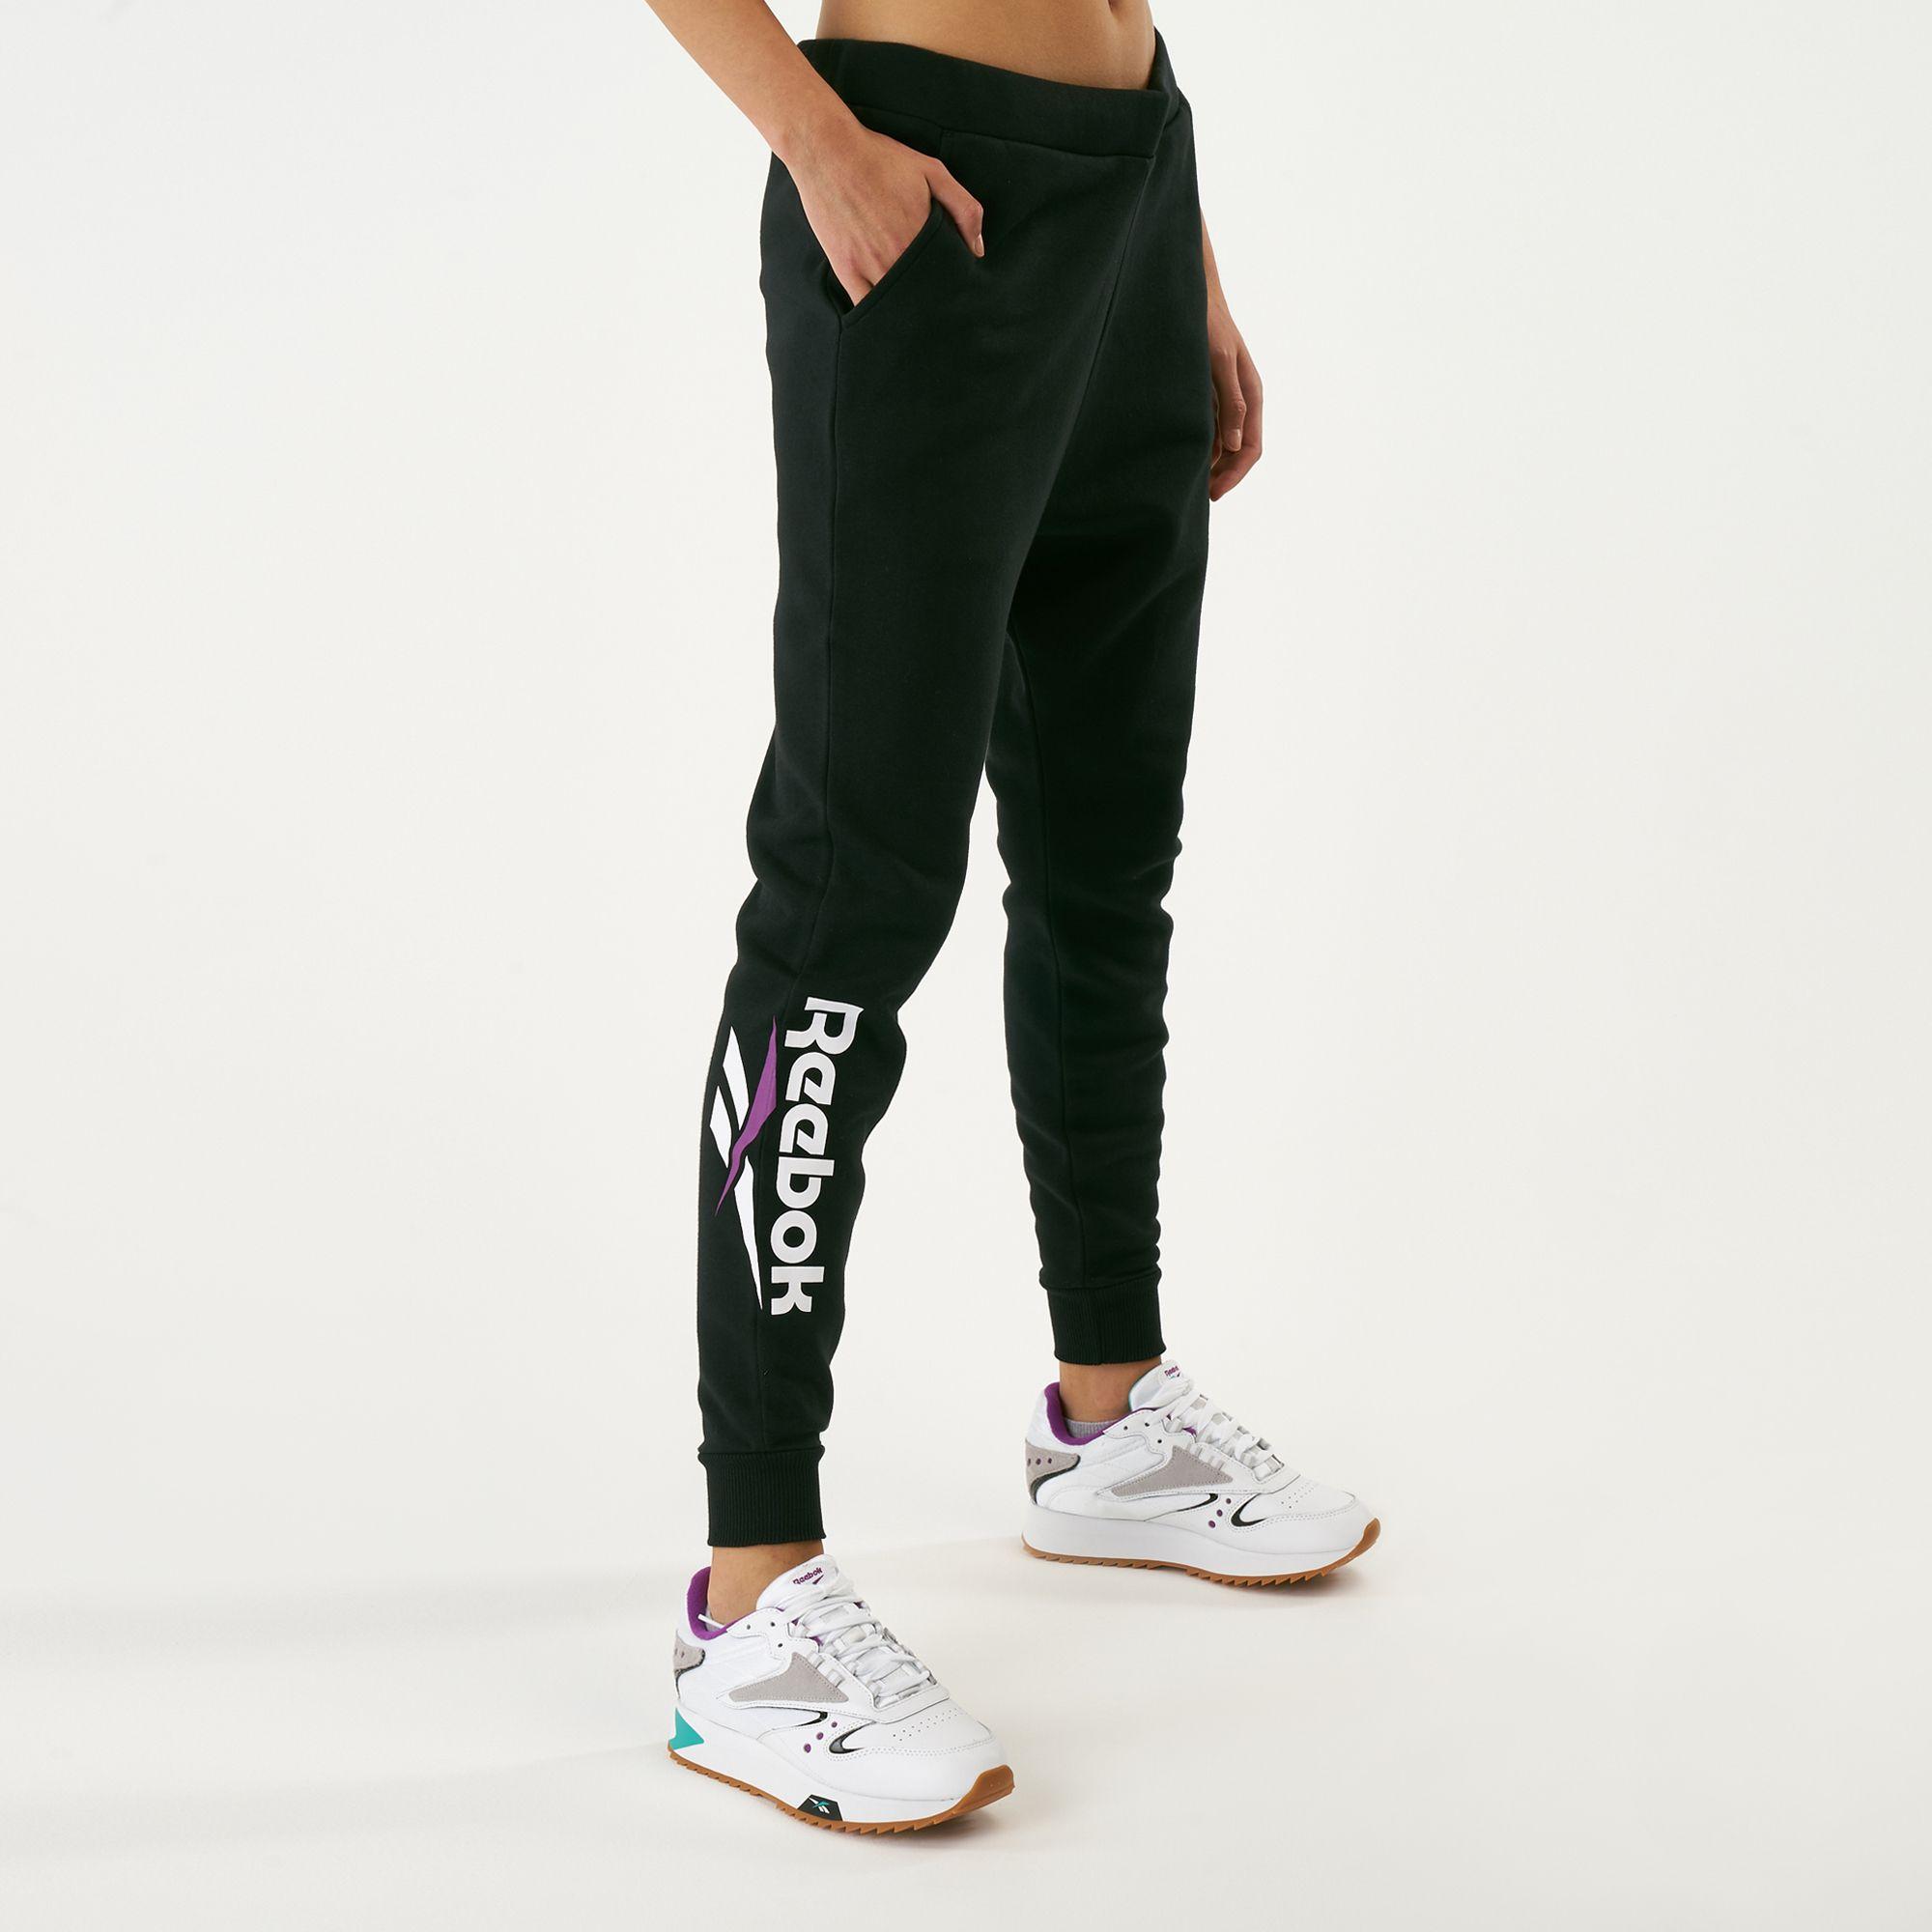 reebok womens fleece jogger pants where